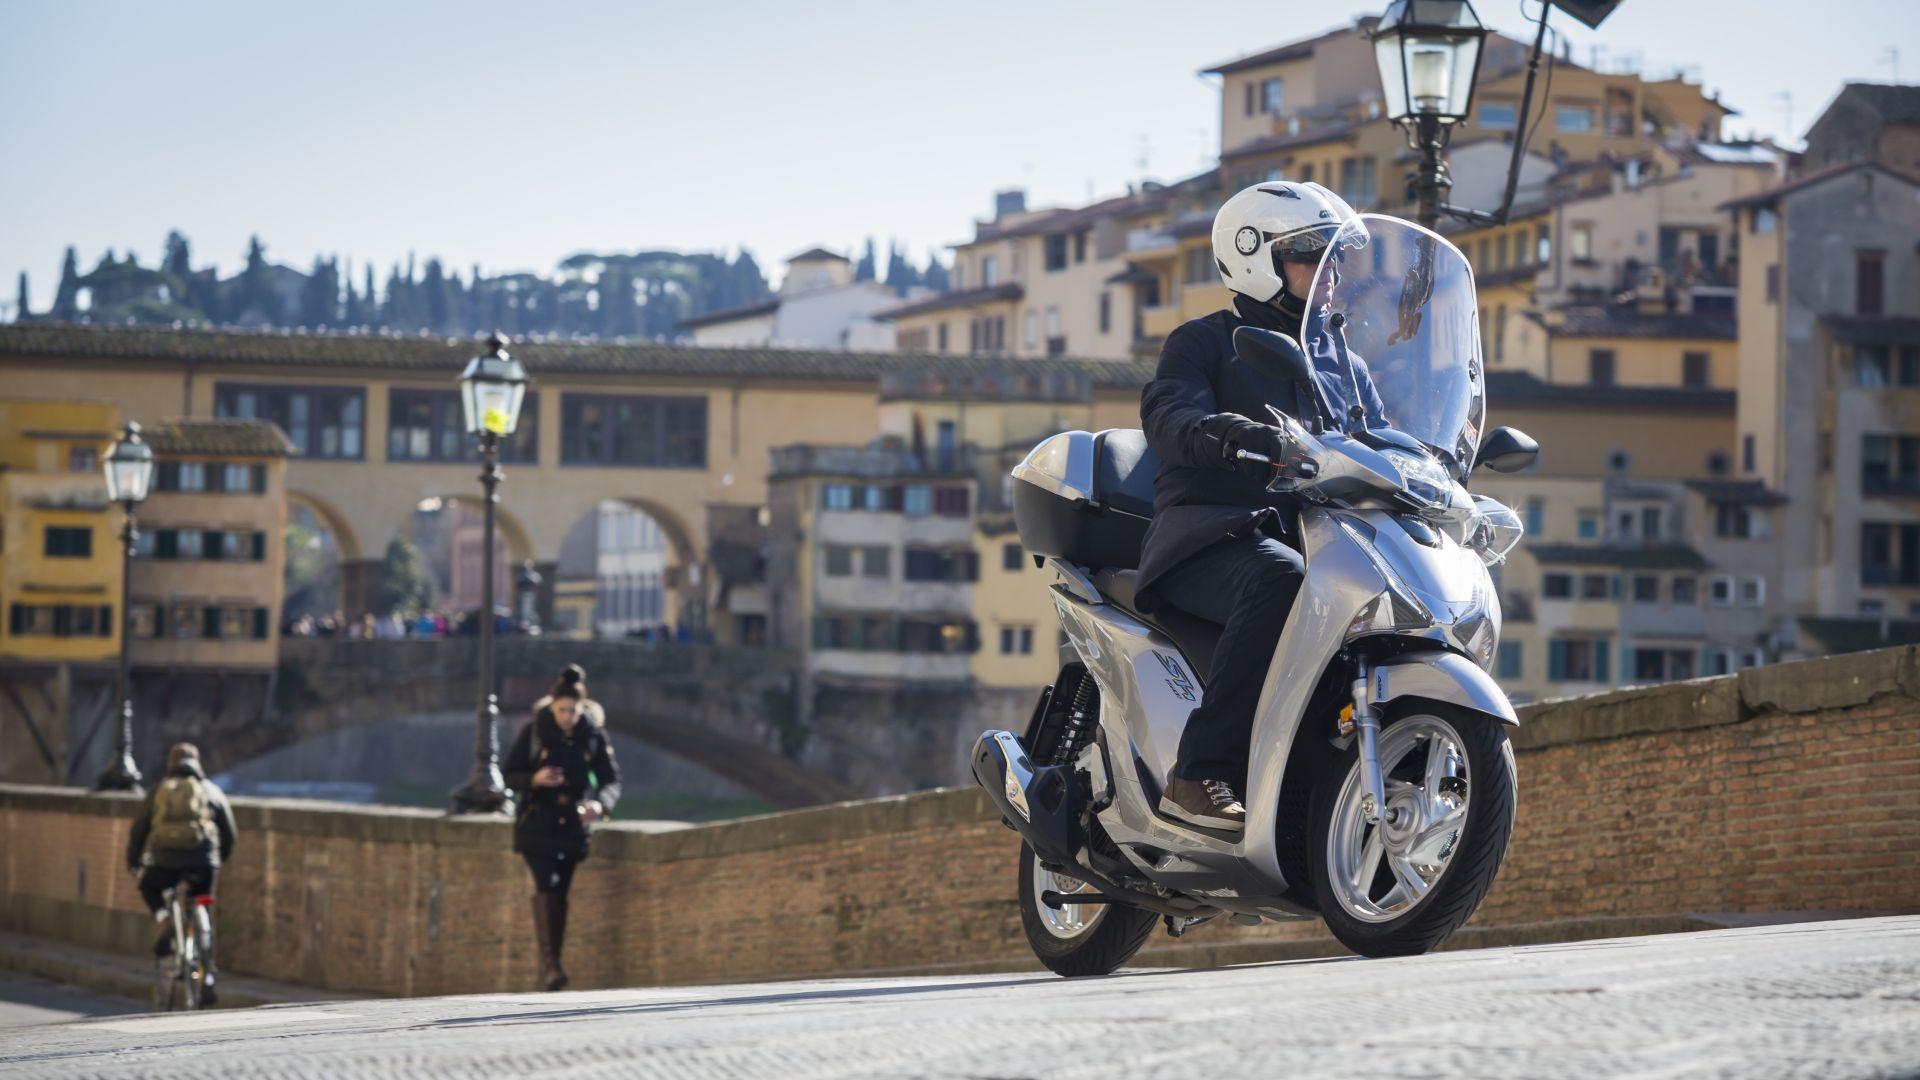 gamma completa di articoli pregevole fattura super economico rispetto a Prova scooter: Honda SH 125i e SH 150i 2017: prova, prezzi ...